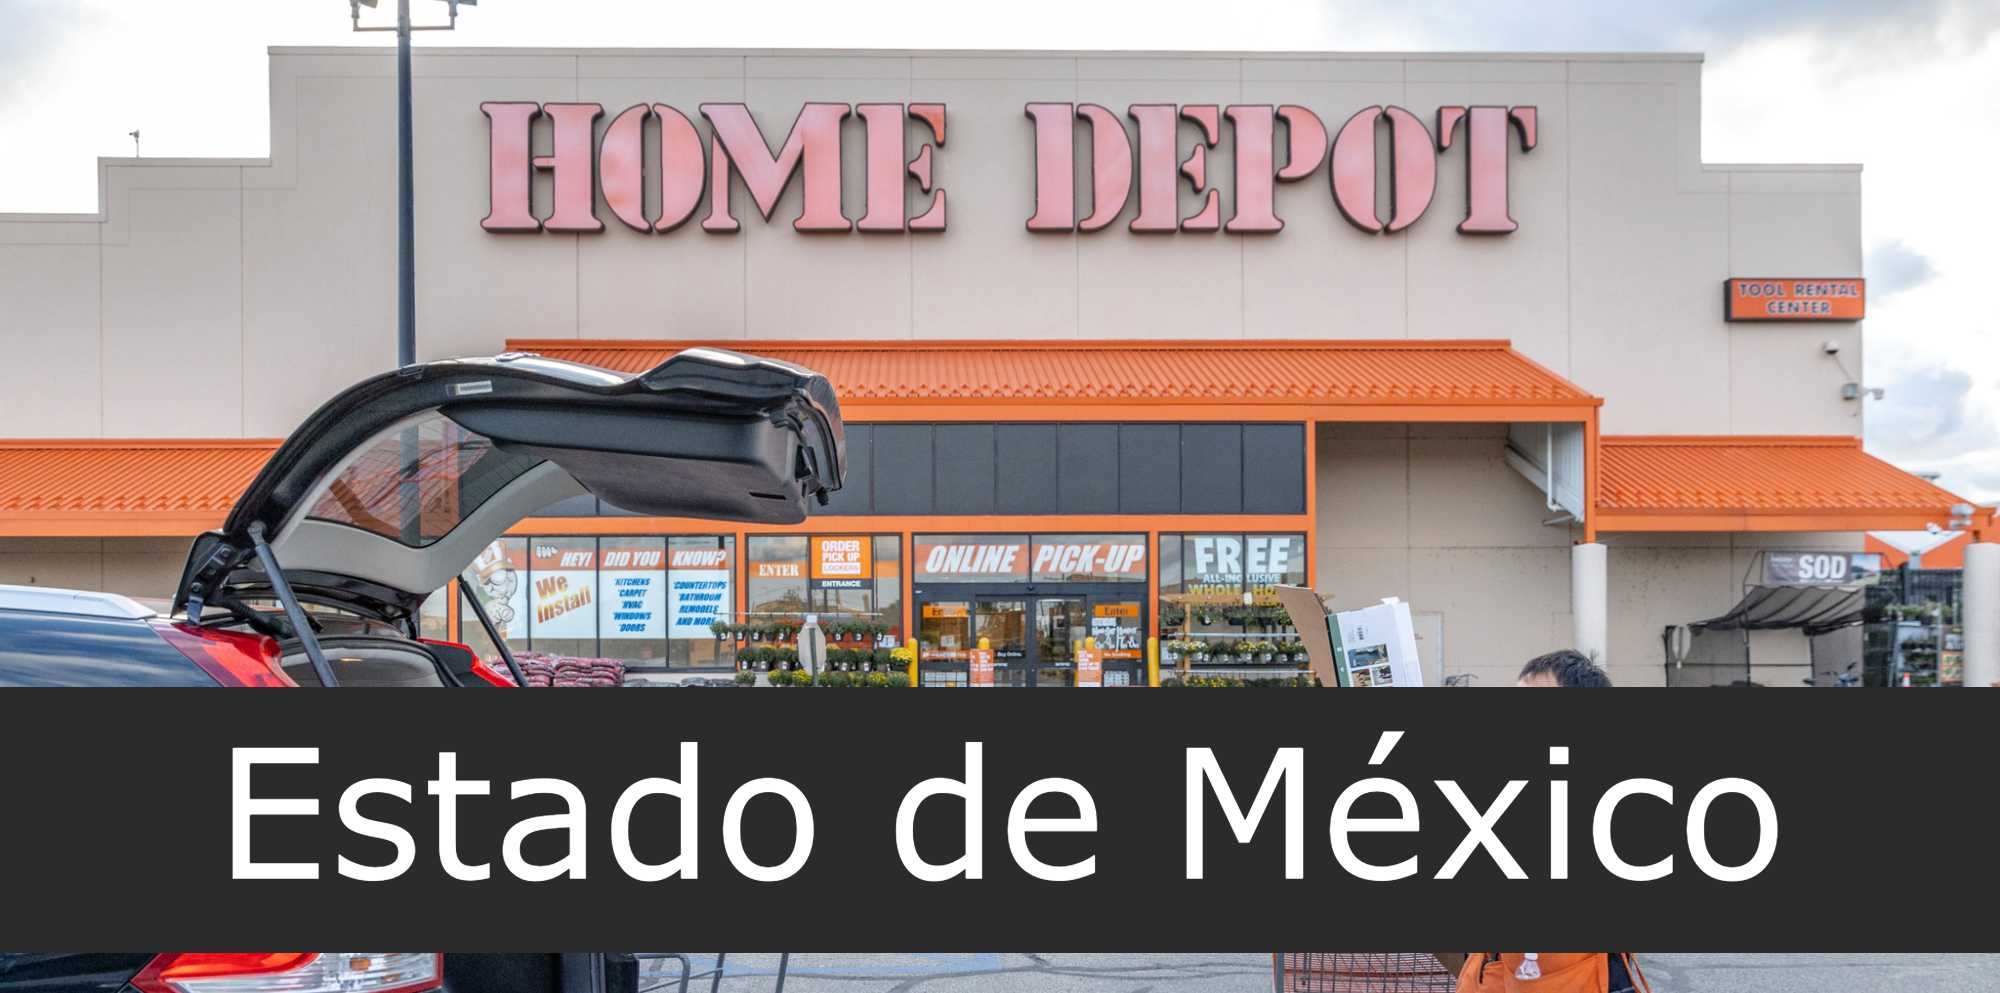 home depot Estado de México